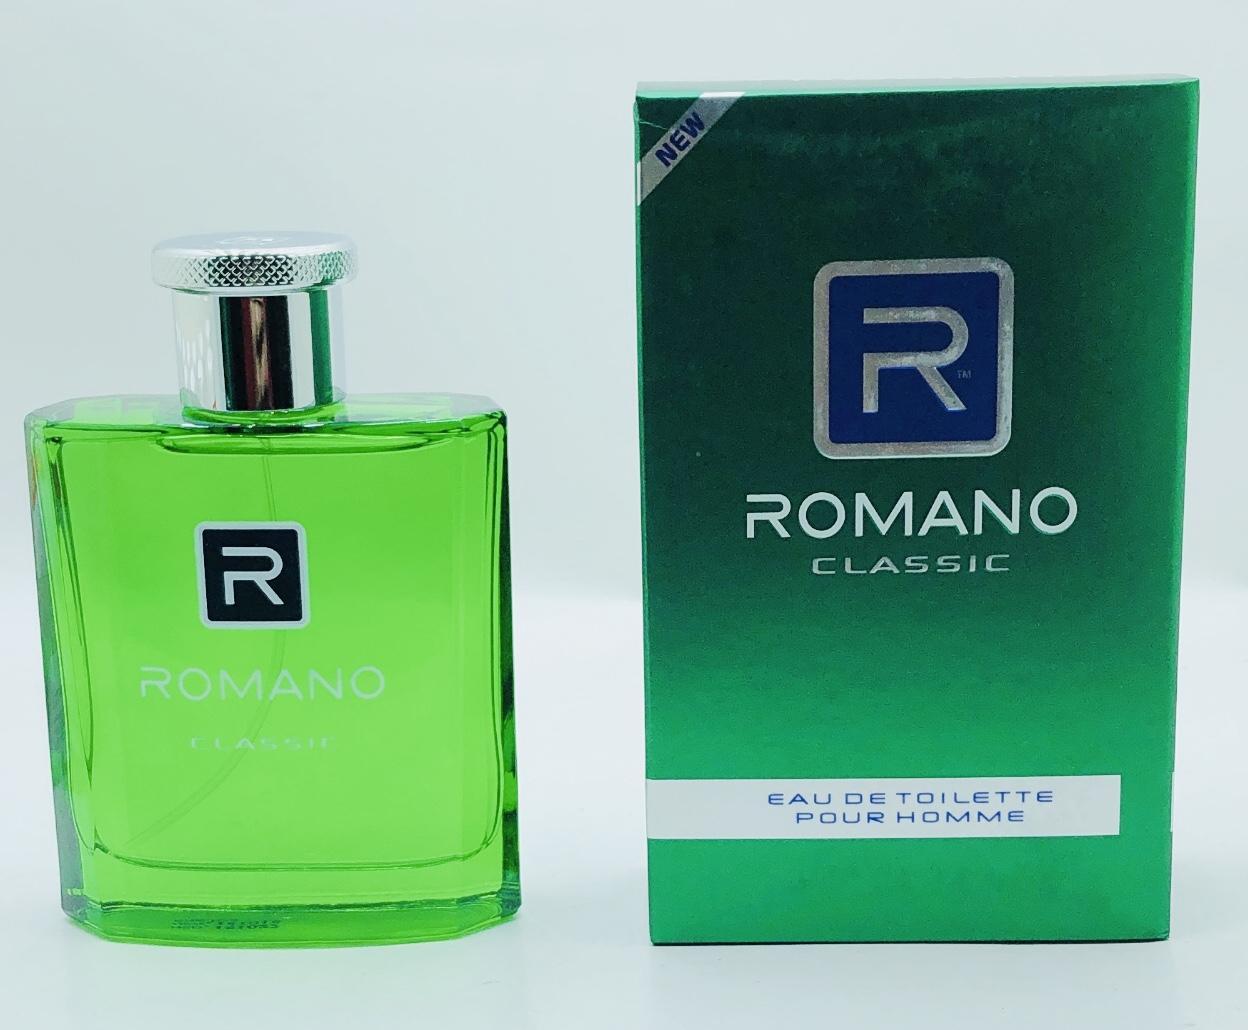 Cùng khám phá nước hoa Romano với 3 mùi hương mới hấp dẫn - 286942